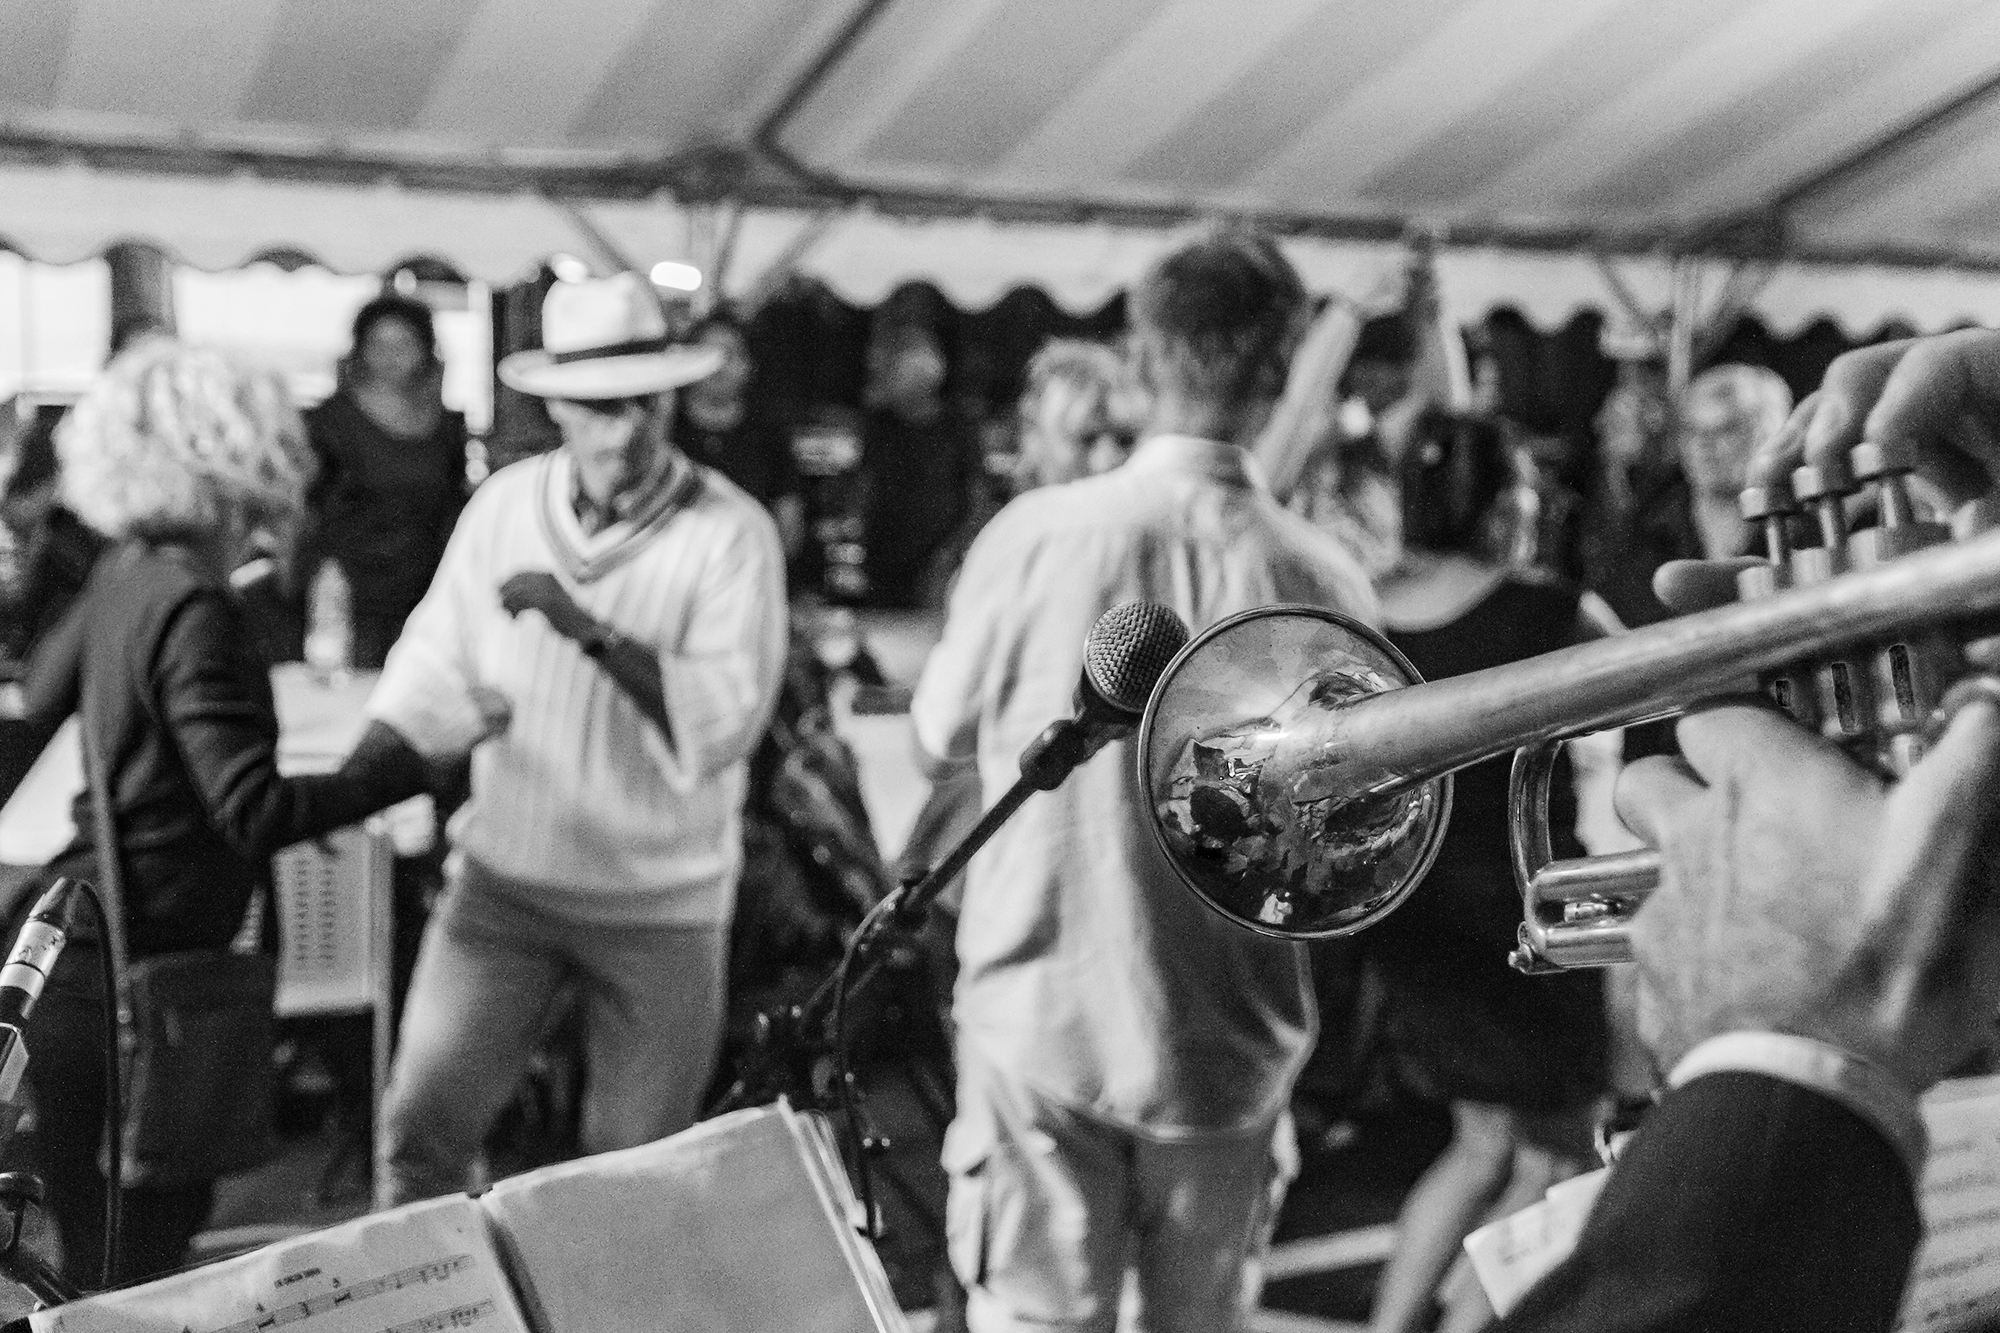 09_neuvil_en_jazz_festival_BD.jpg